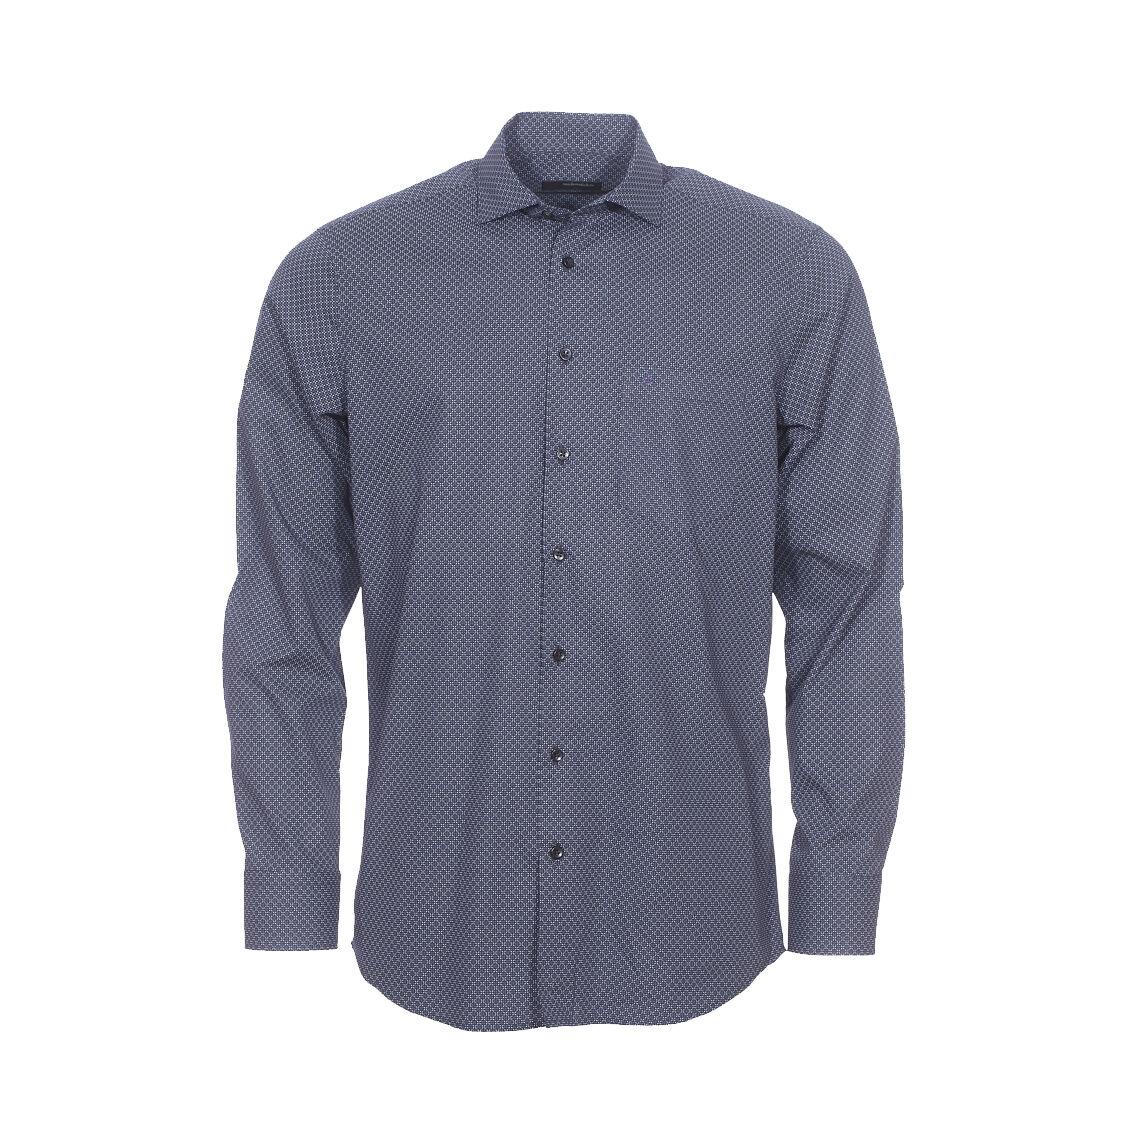 Seidensticker Chemise droite Seidensticker en coton bleu marine à petits carrés blancs et petits motifs gris anthracite - BLEU - 39